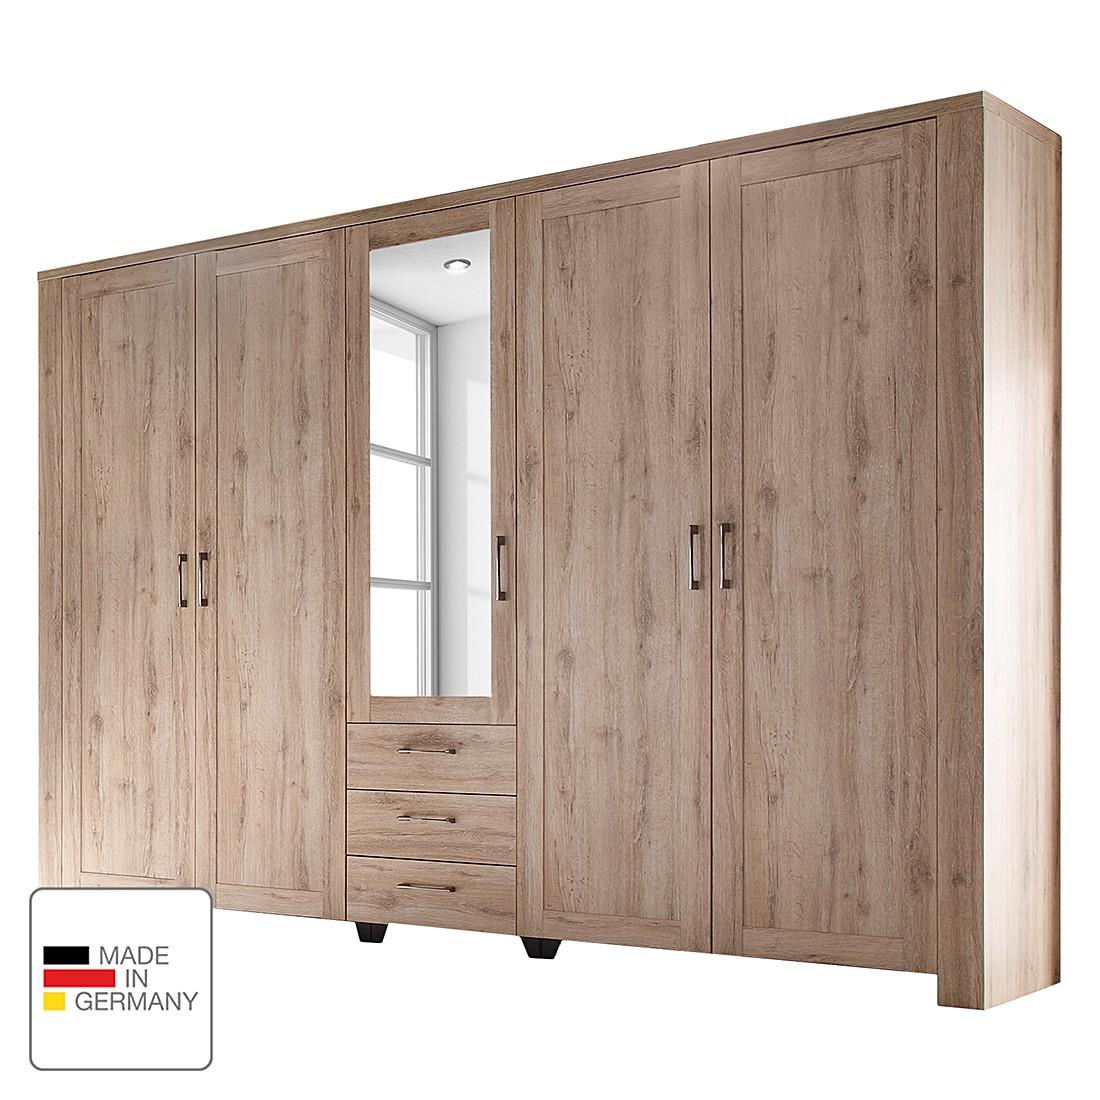 kleiderschrank lupo eiche sanremo hell ohne beleuchtung mooved jetzt kaufen. Black Bedroom Furniture Sets. Home Design Ideas